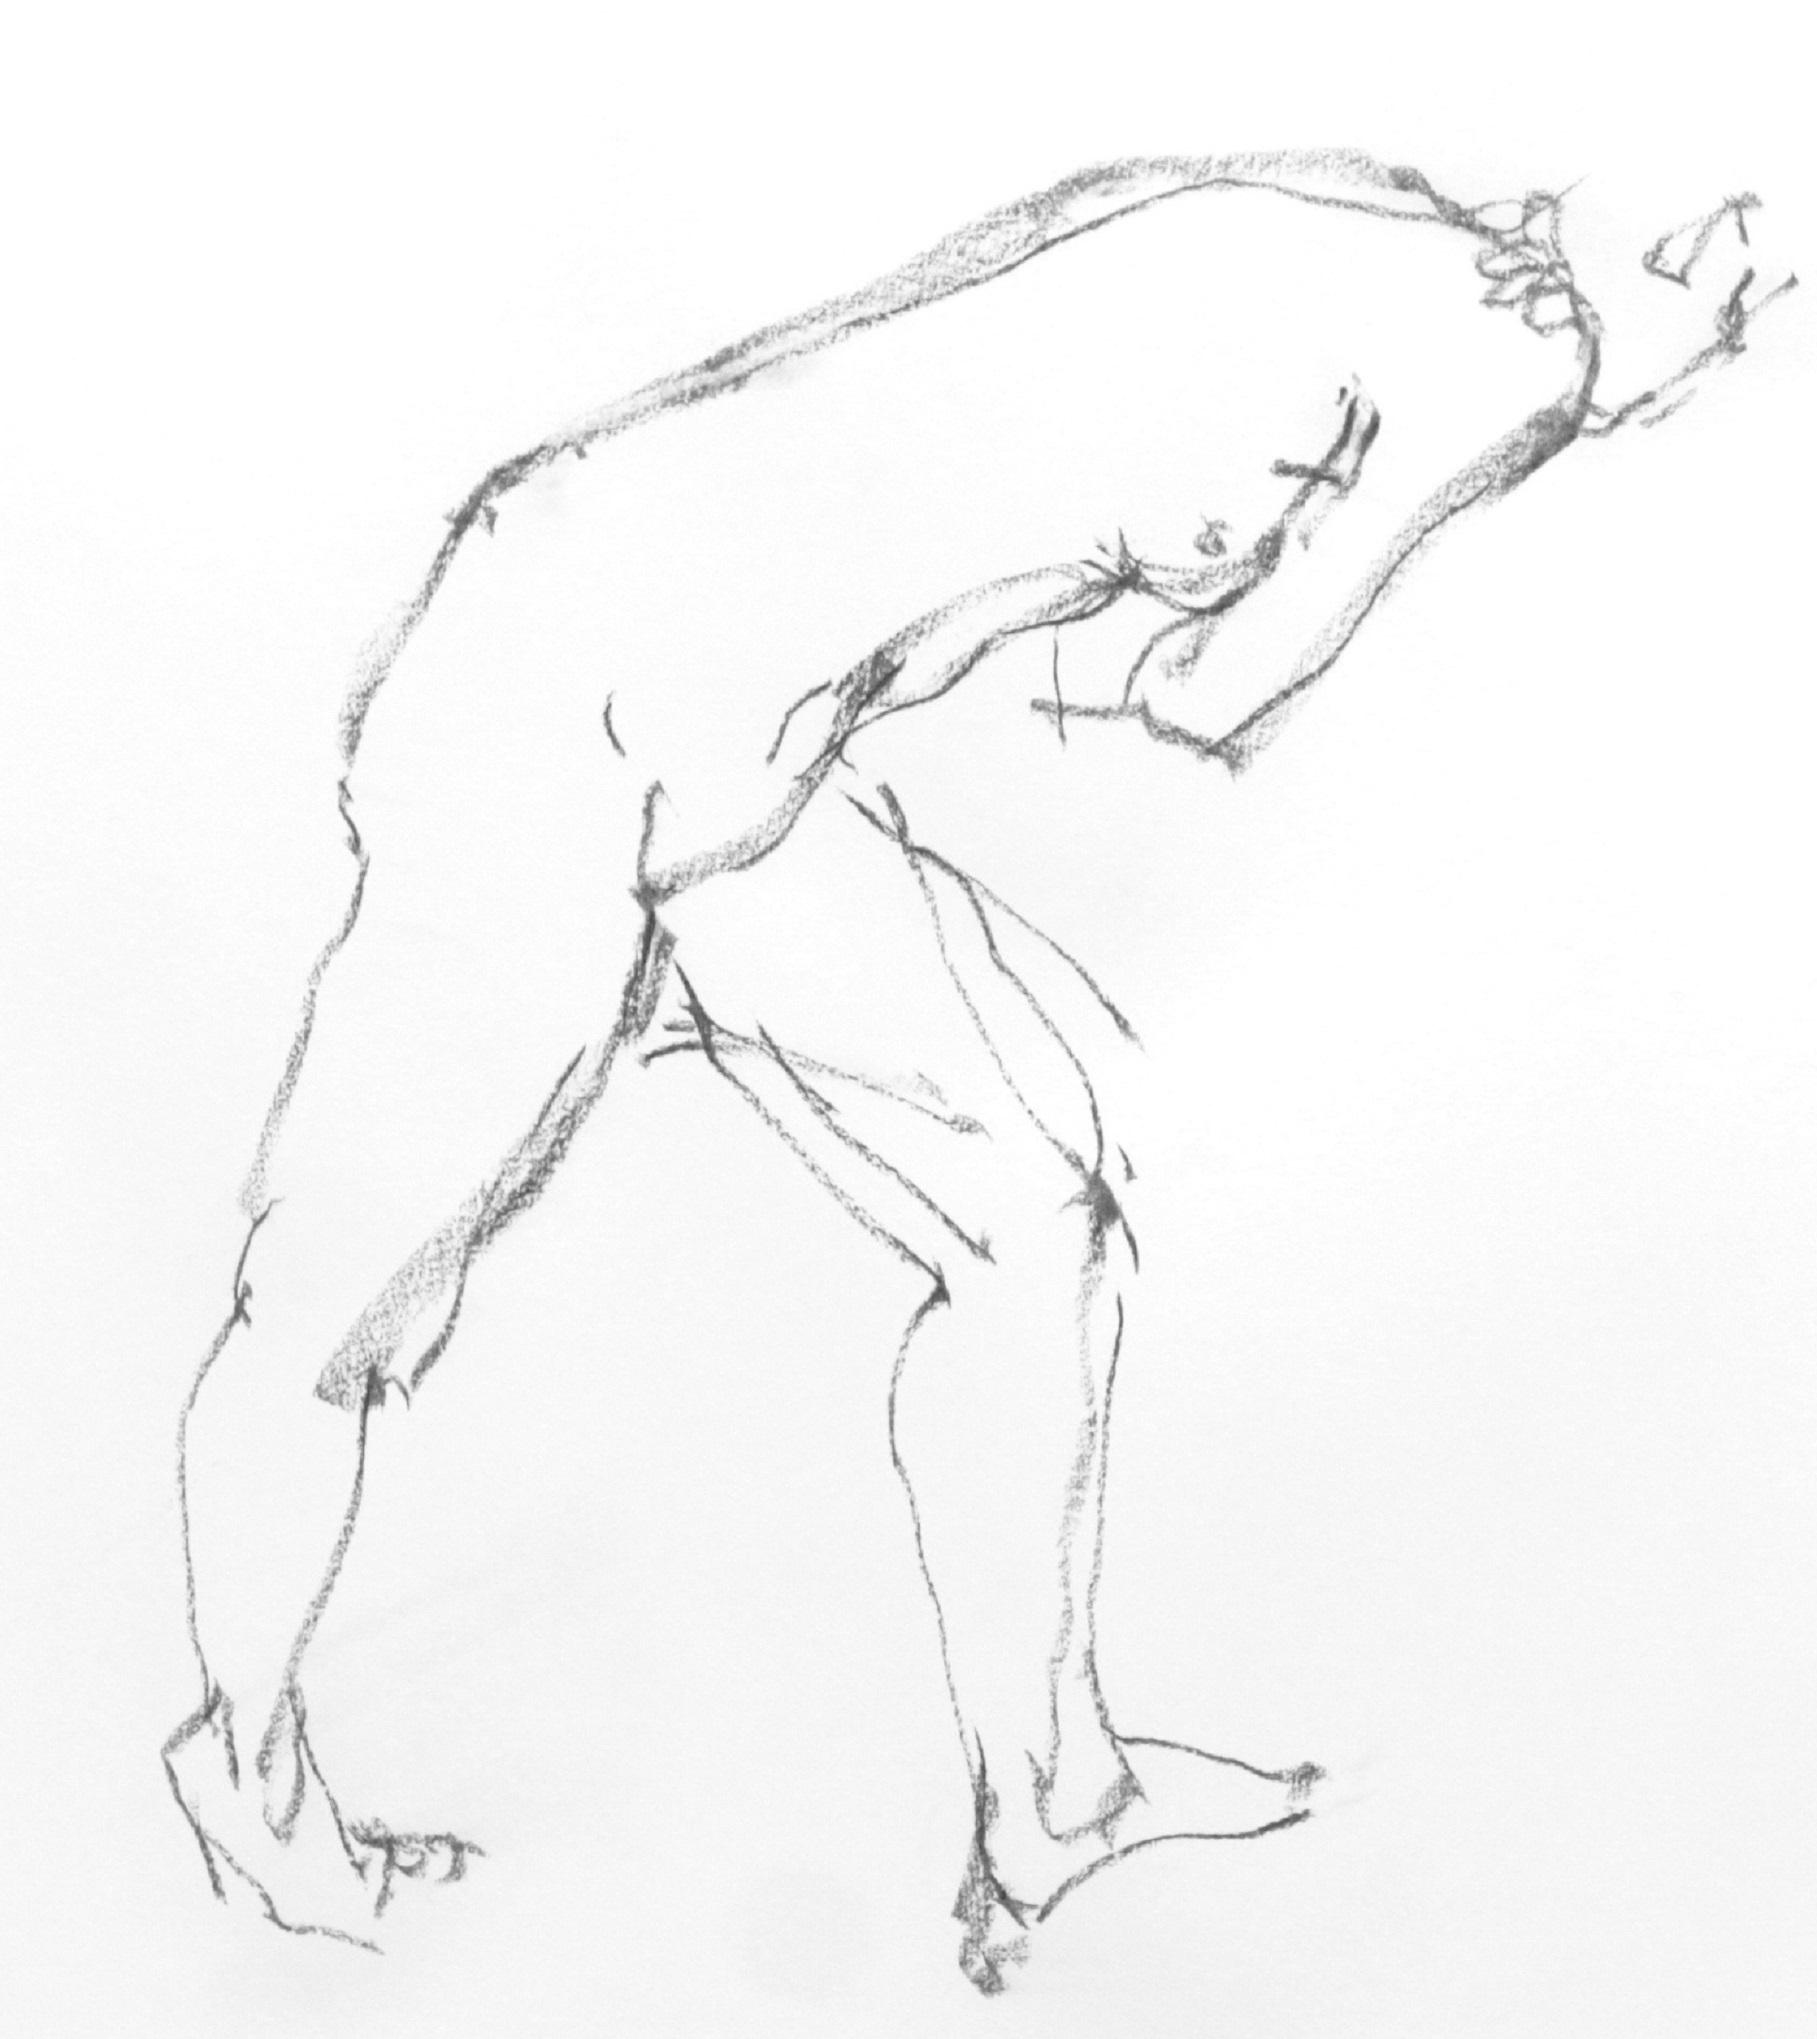 《 師走十二月の ― croquis・drawing・dessin・sketch・esquisse ― 12 》_f0159856_10382037.jpg